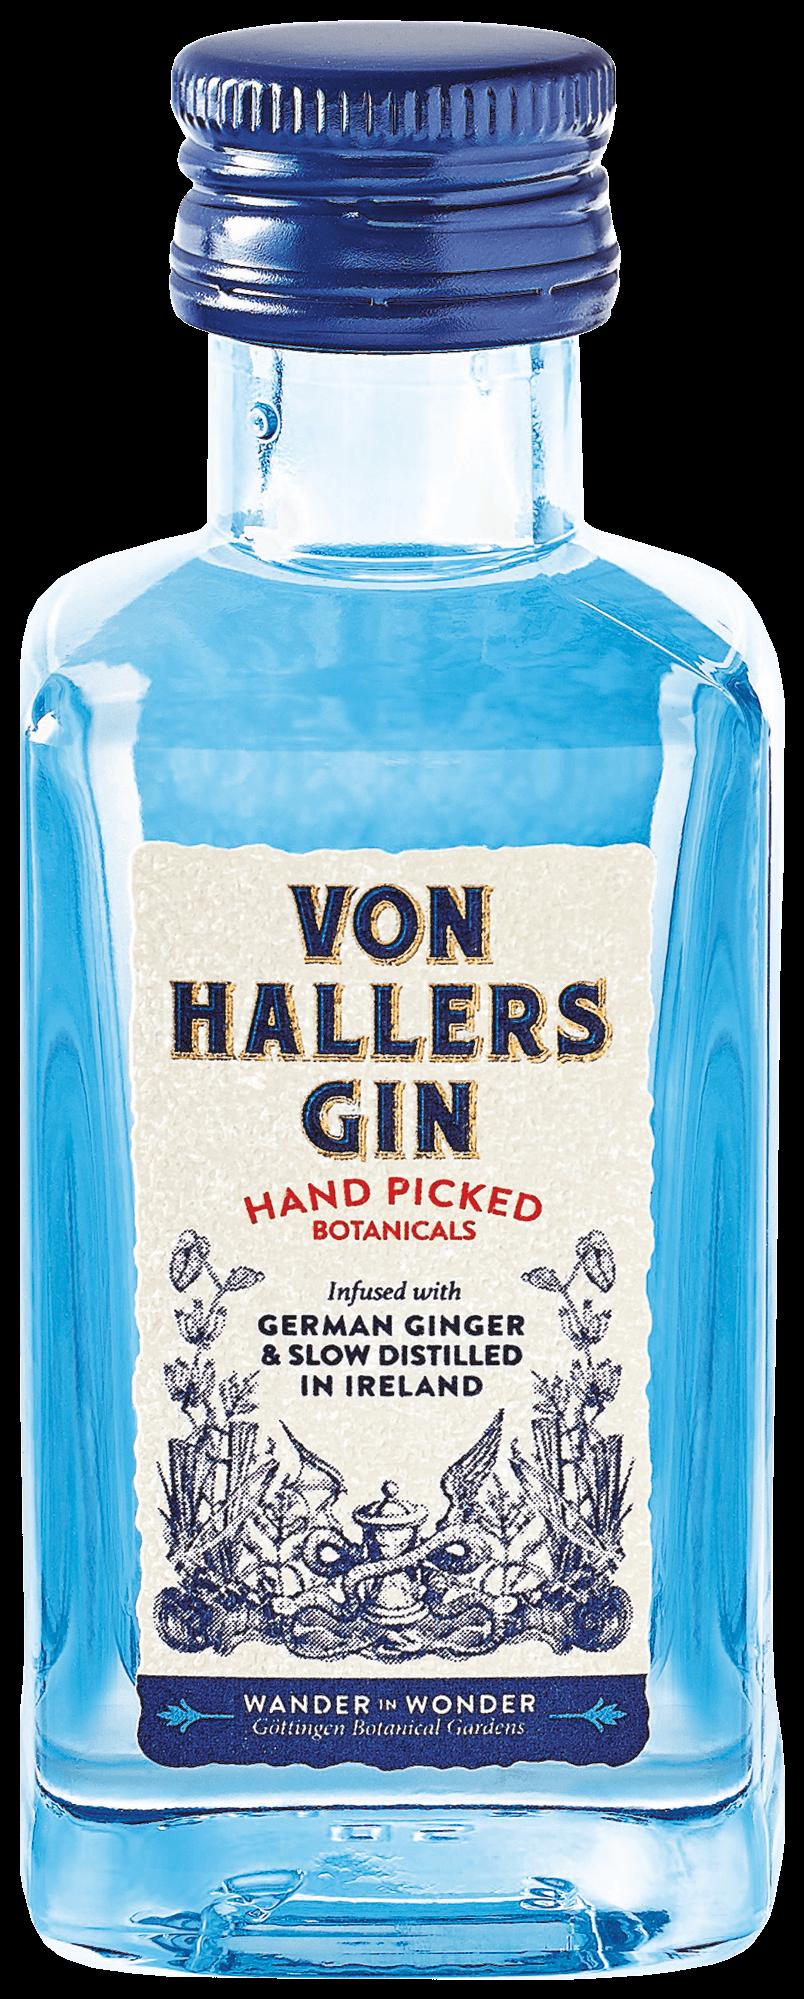 VON HALLERS GIN 0,05l Miniaturflasche